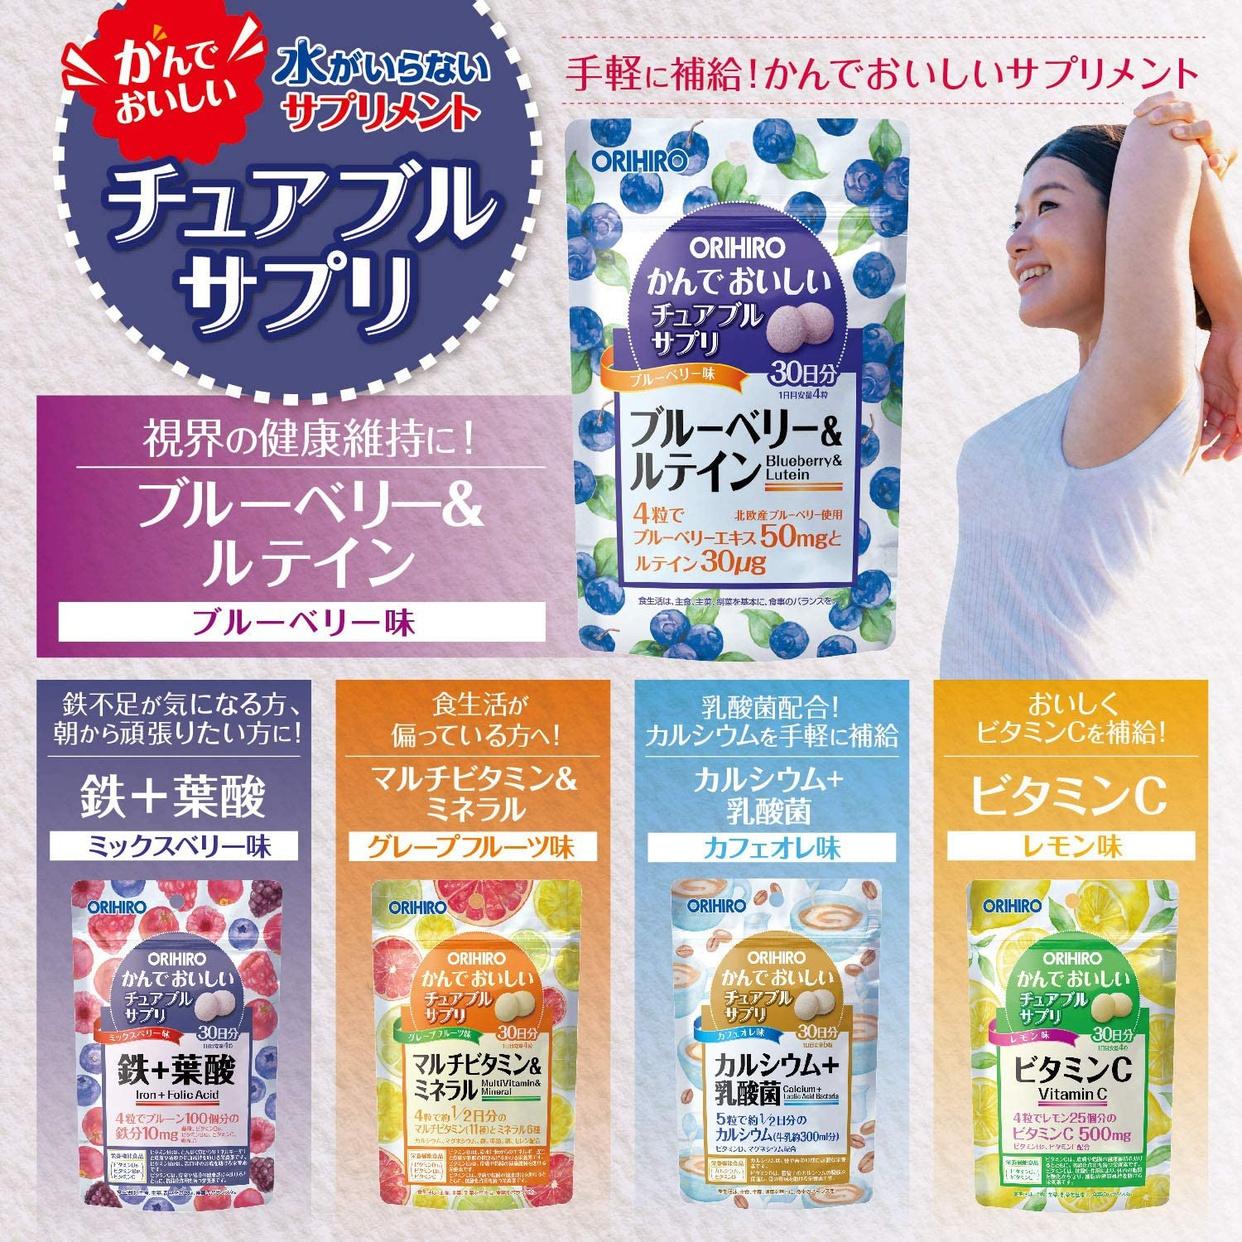 ORIHIRO(オリヒロ) かんでおいしいチュアブルサプリ ブルーベリー&ルテインの商品画像5